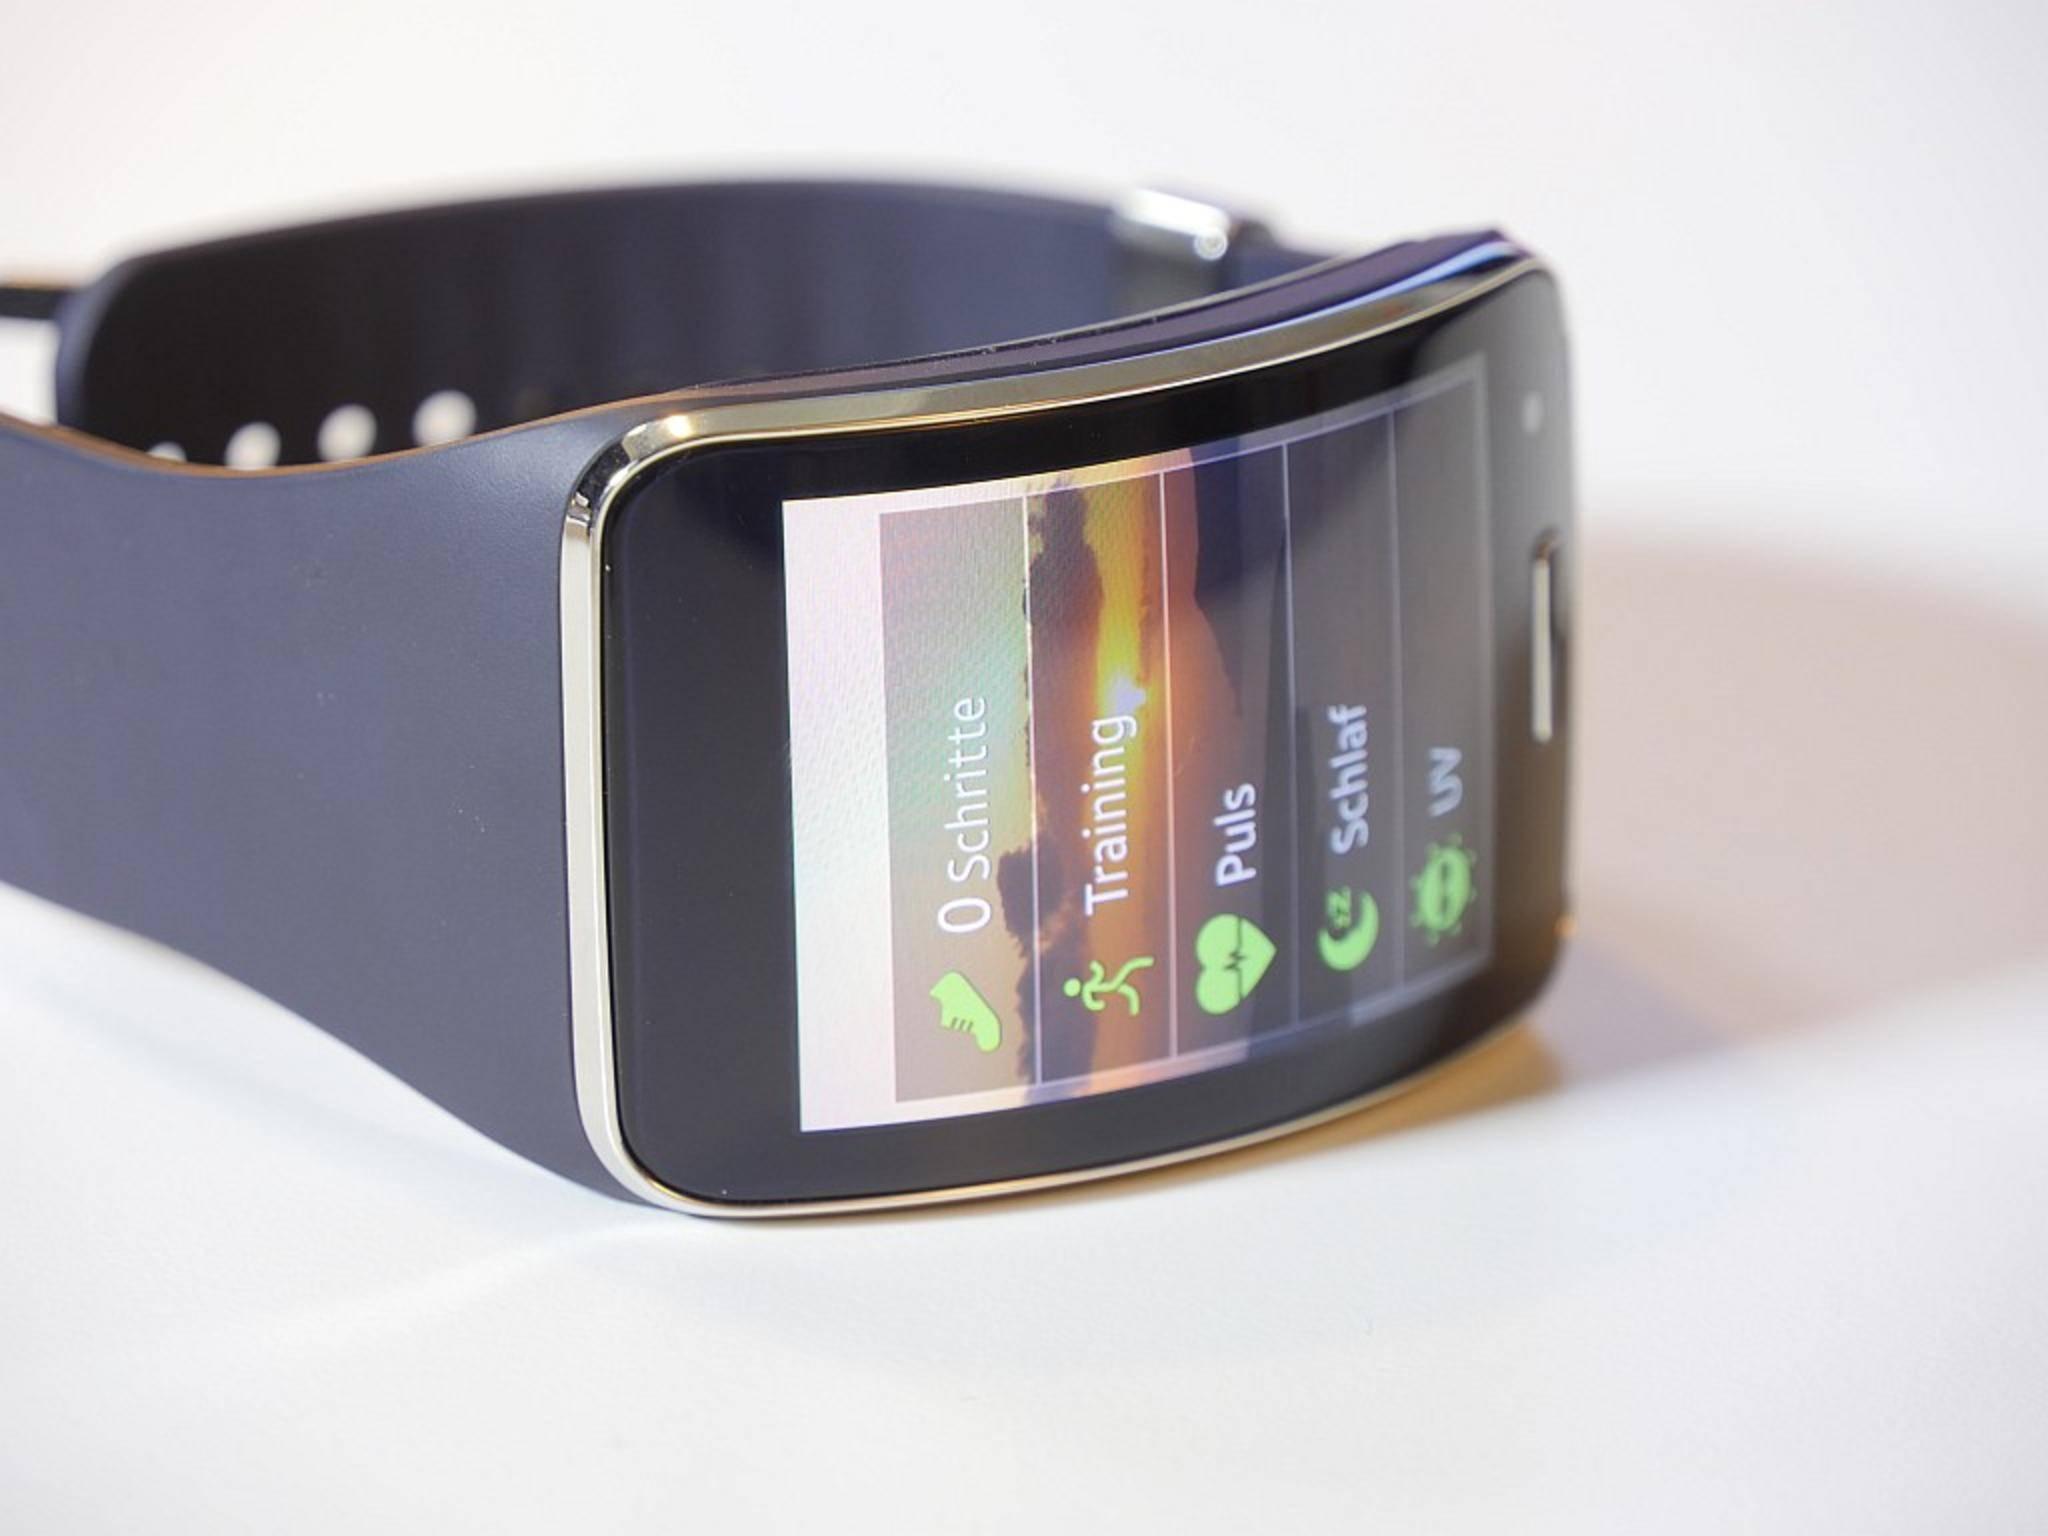 Wer will, kann die Gear S als Fitness-Tracker nutzen.